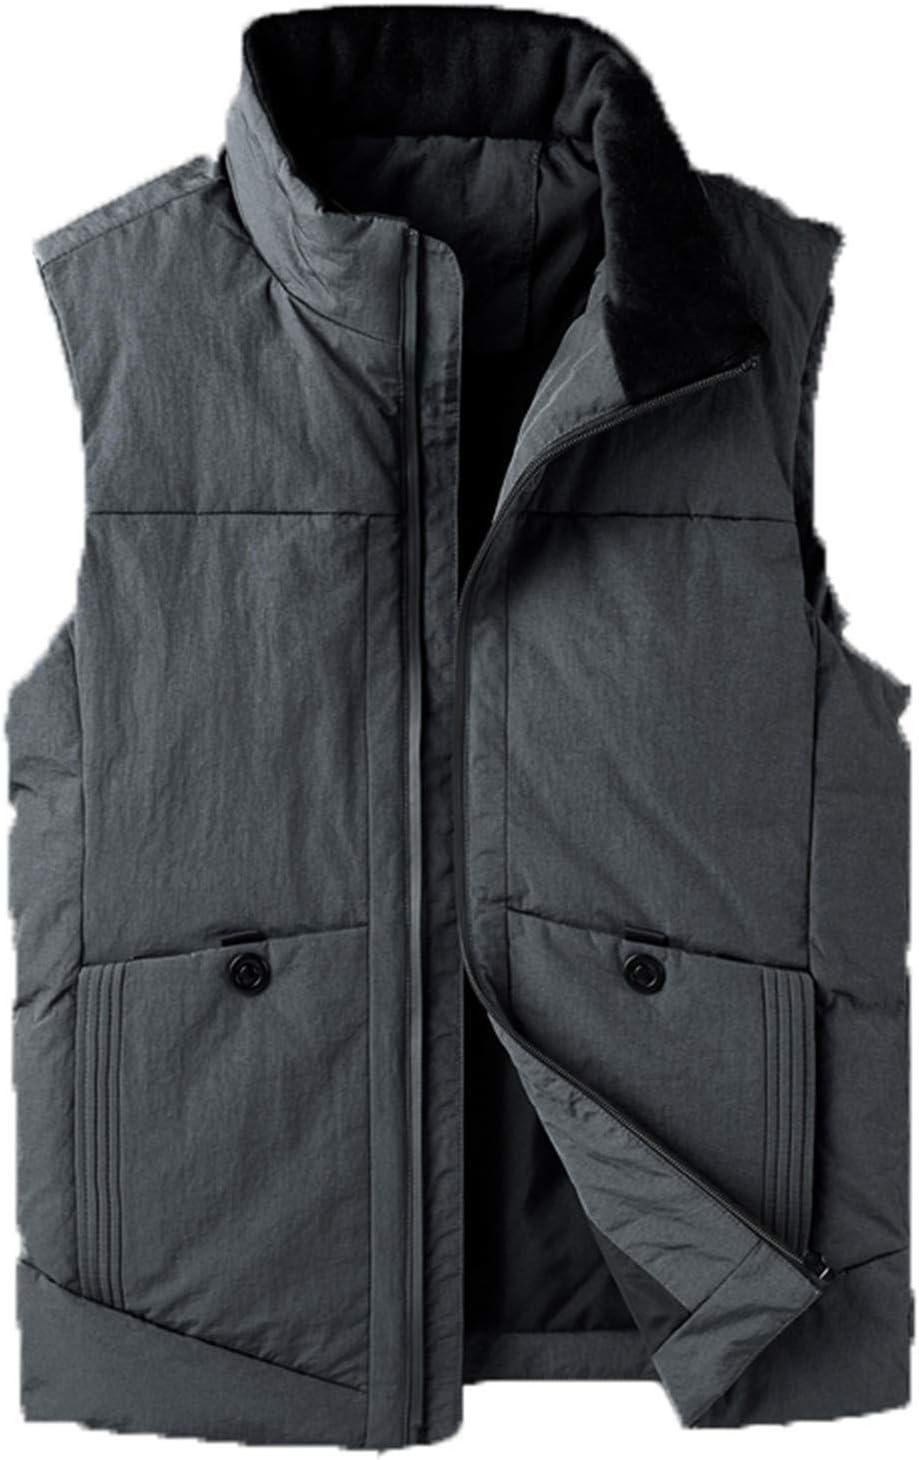 Snhpk Men's Down Vest Outerwear Gilets Coat Softshell Jacket, Hooded Winter Thicken Warm Windproof Overcoat Waistcoat,Gray2,XL